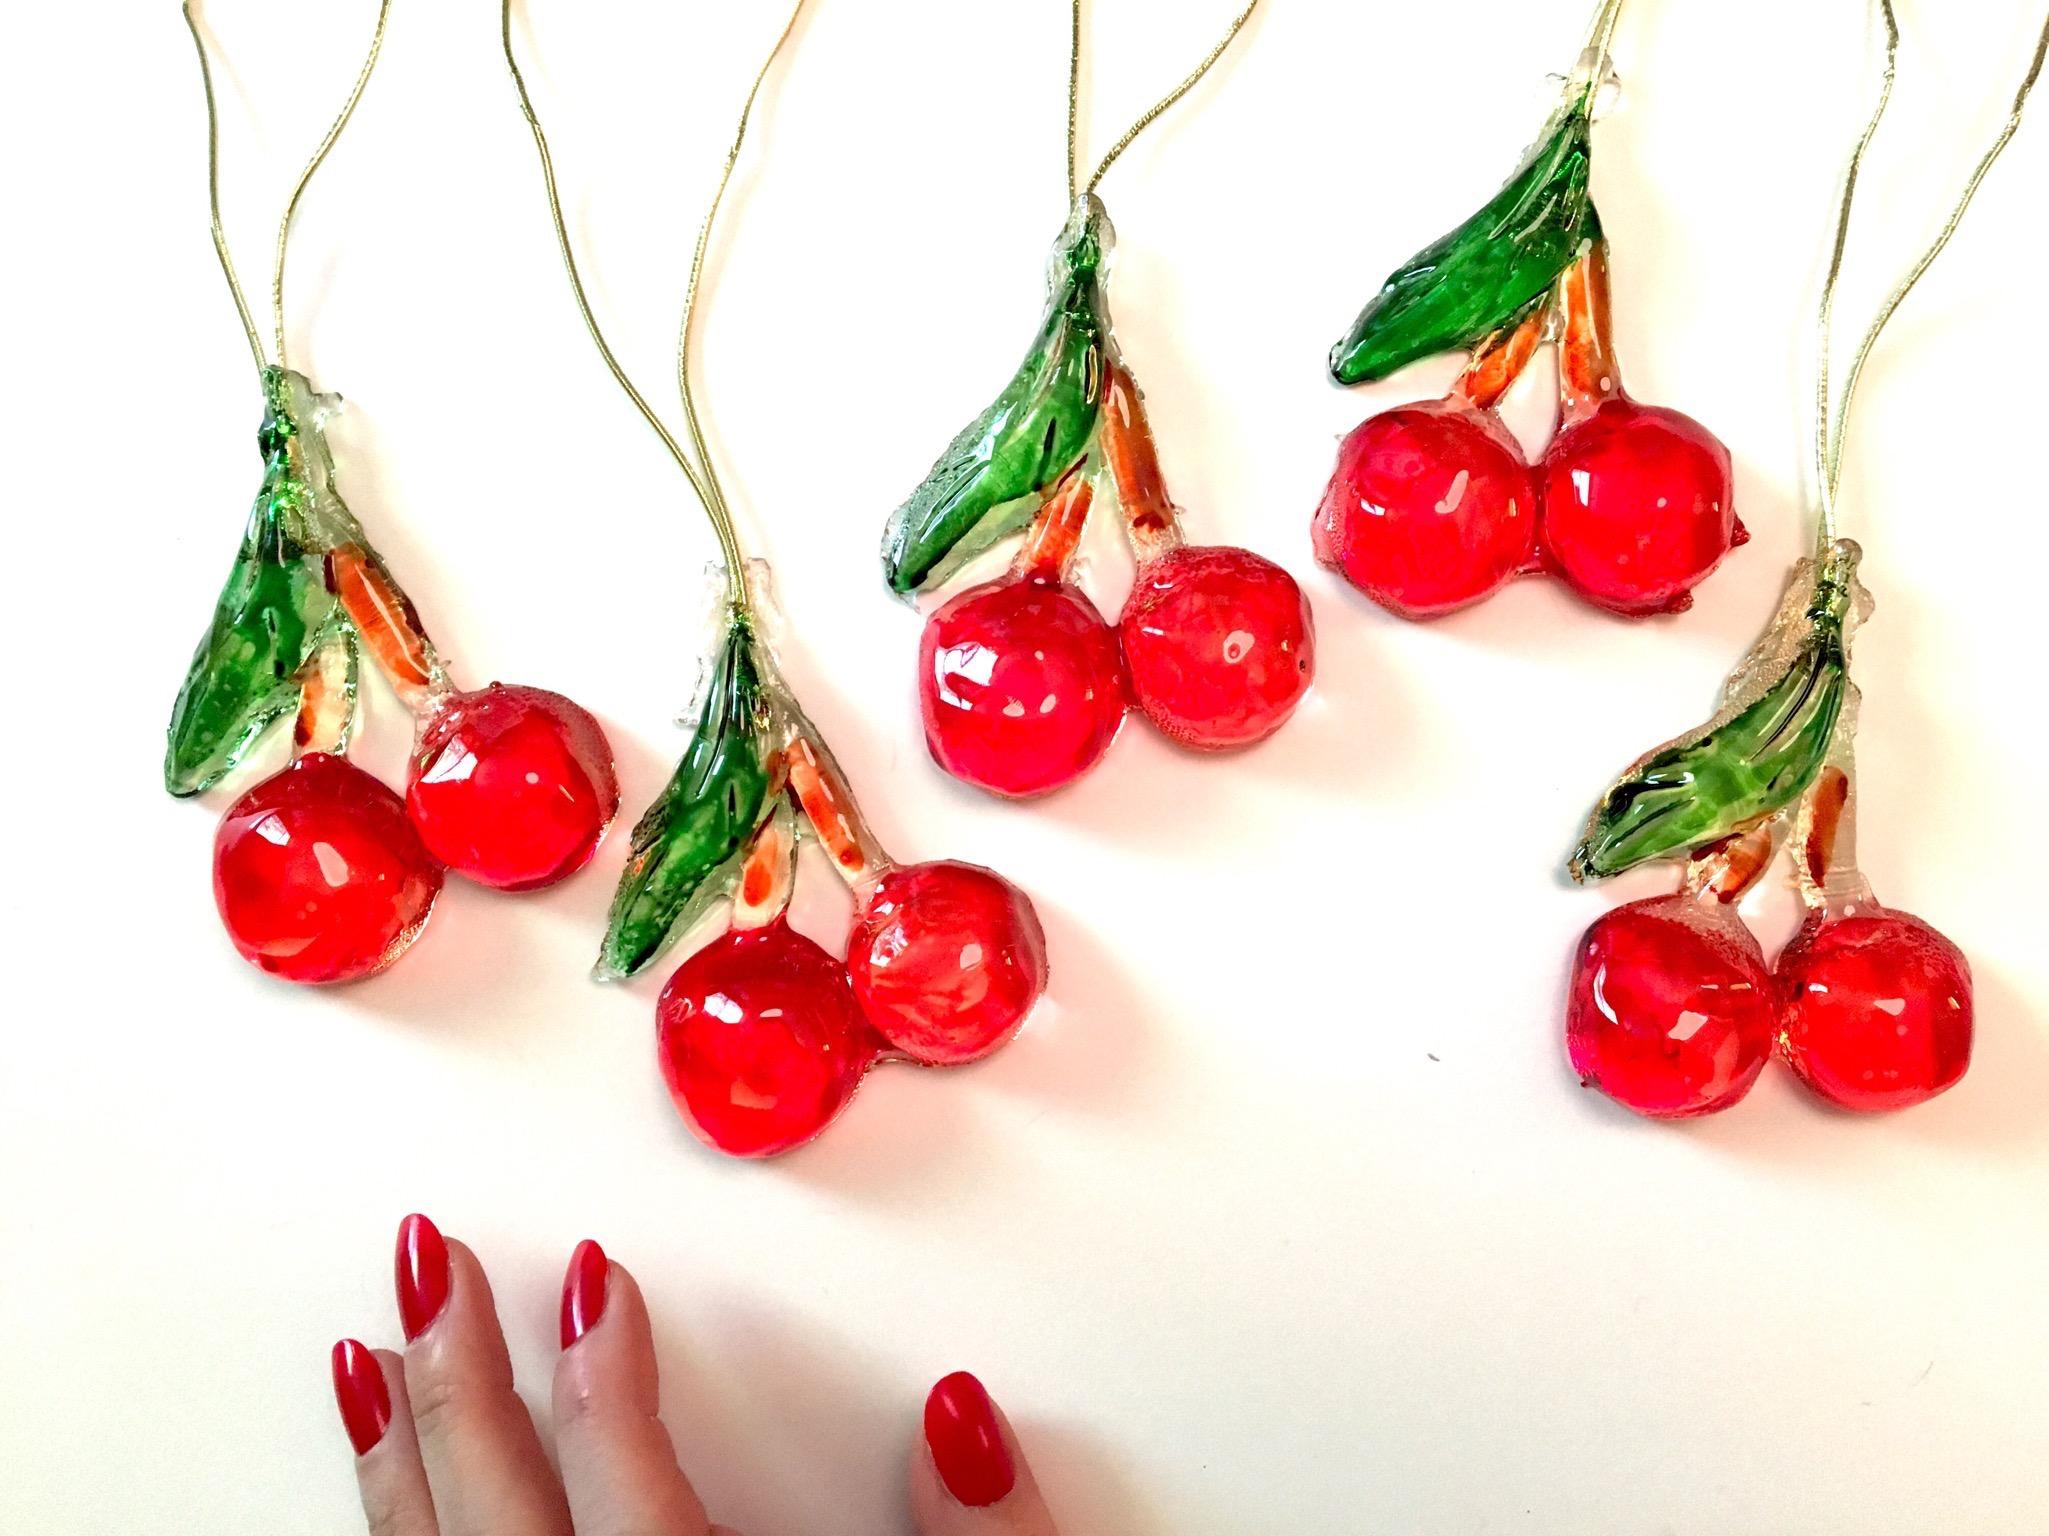 SweetSaba_cherrynecklaces.jpg